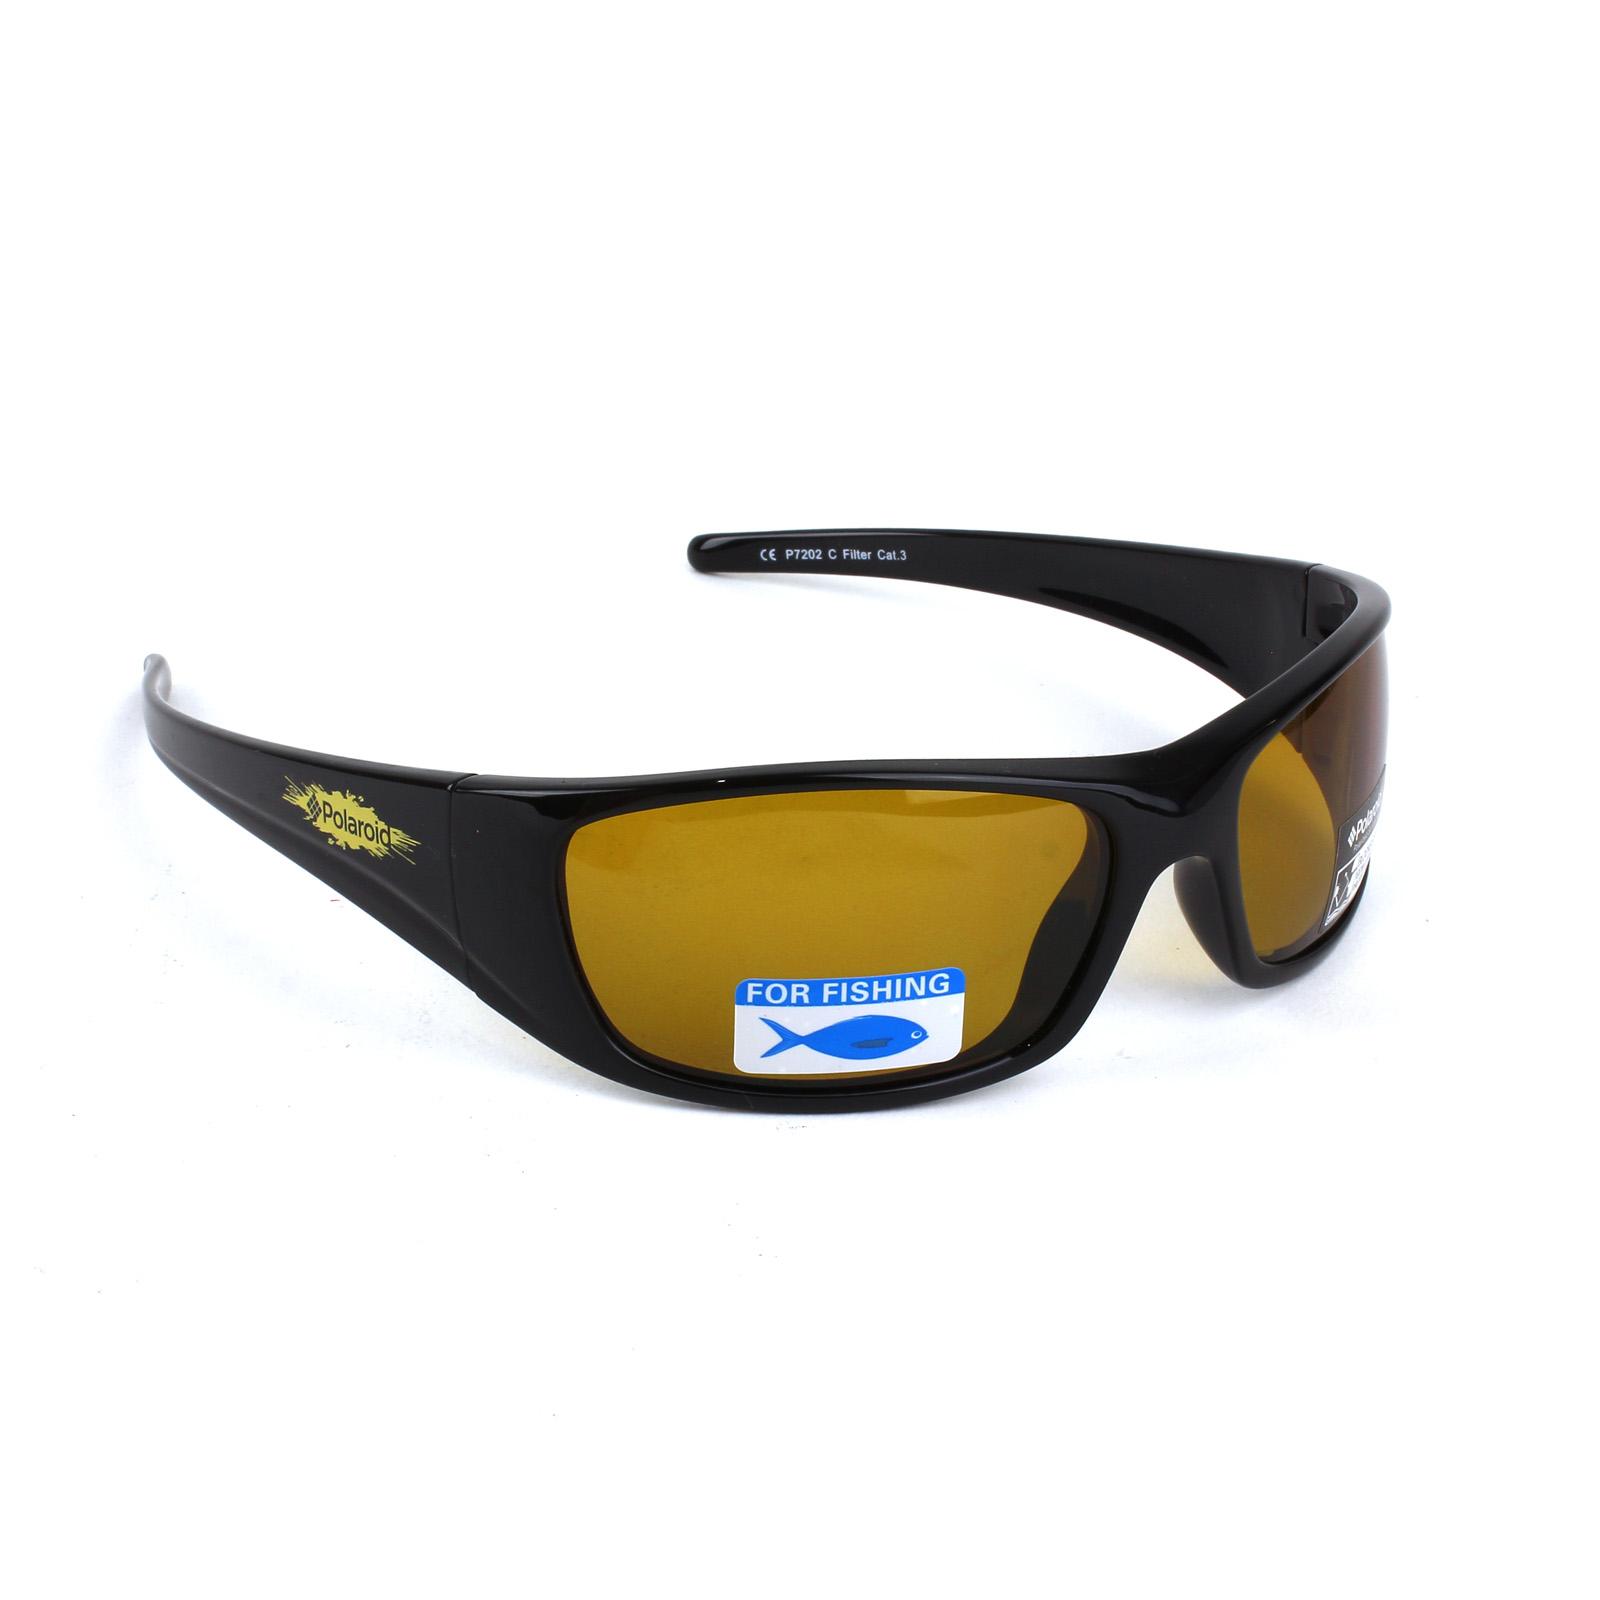 e441fa388a Polarized Sunglasses Category 3